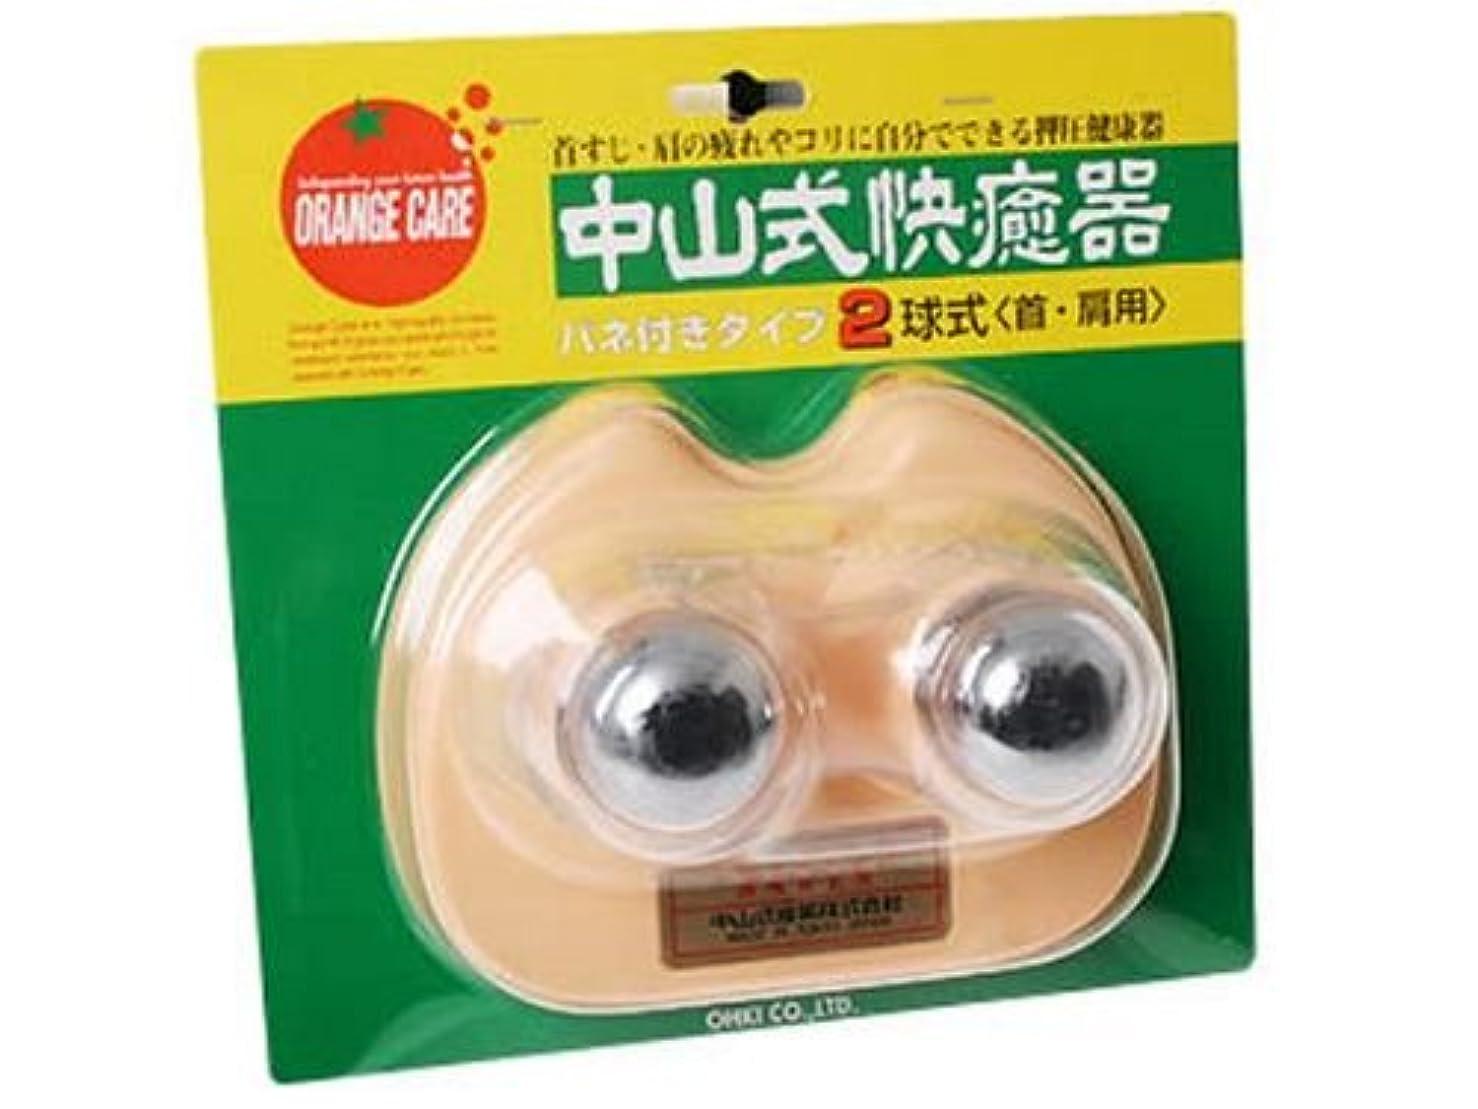 消費柔らかいオプショナルオレンジケア 中山式快癒器 2球式